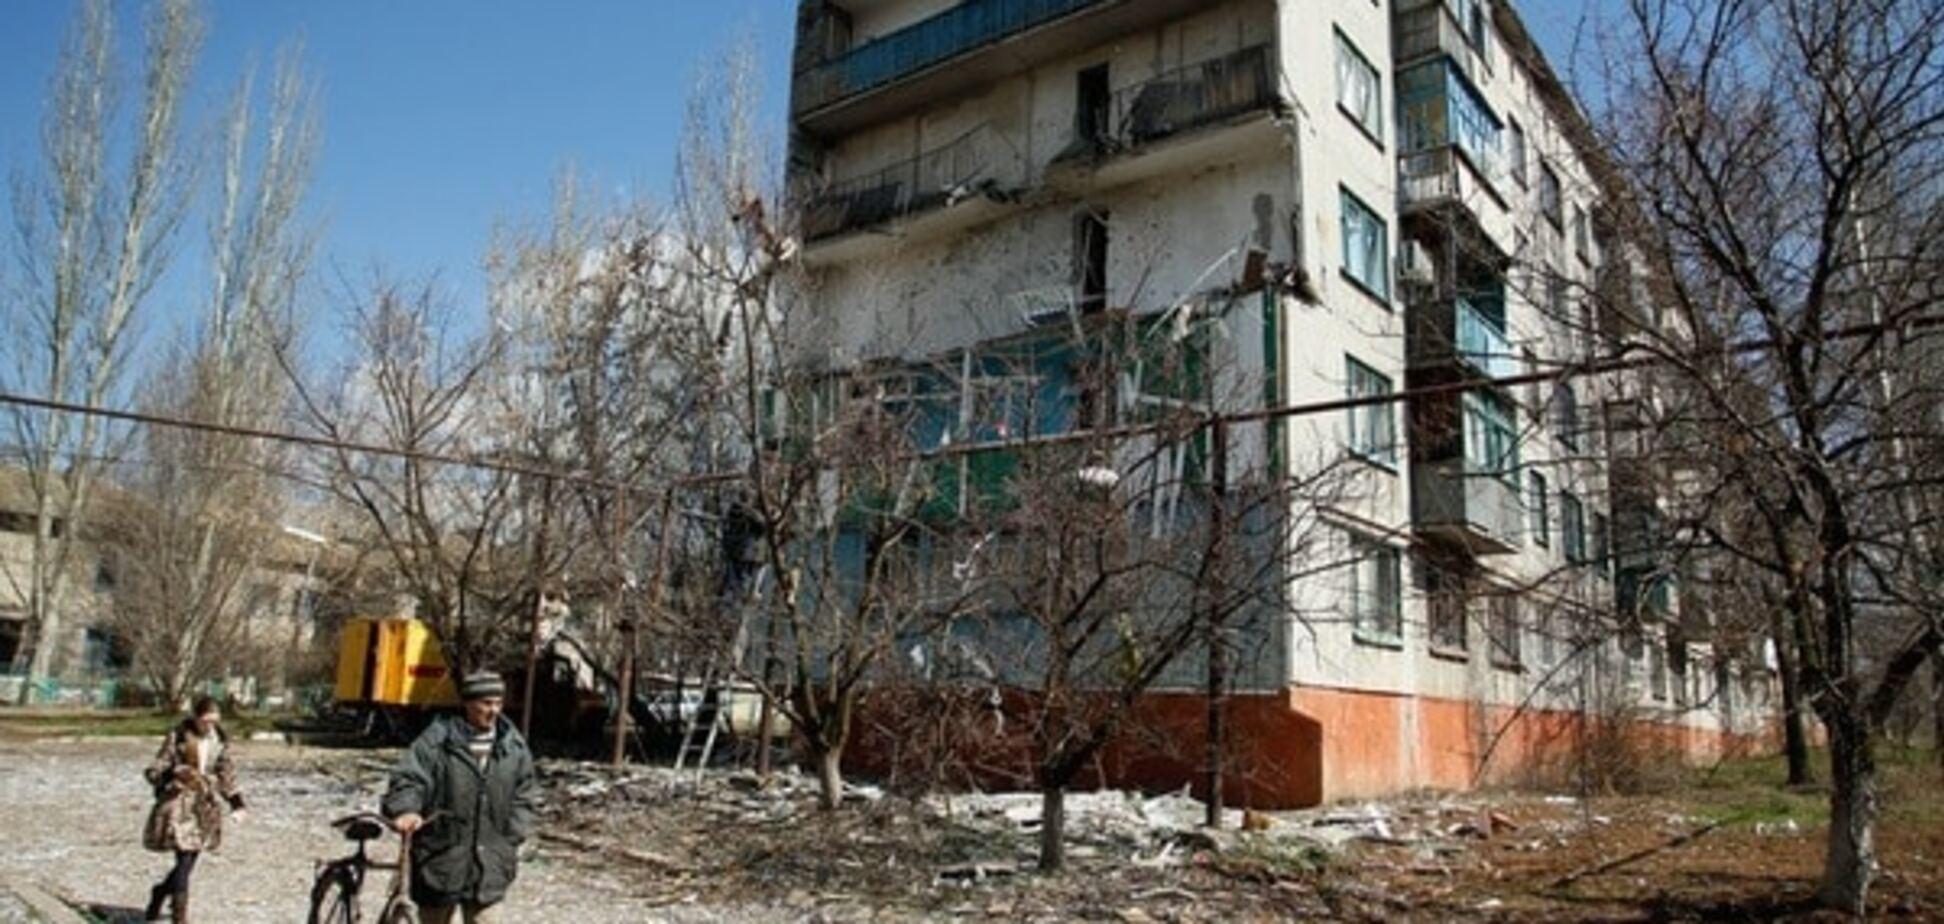 'Вот такое прекращение огня': очевидец сообщил о стрельбе в Донецке